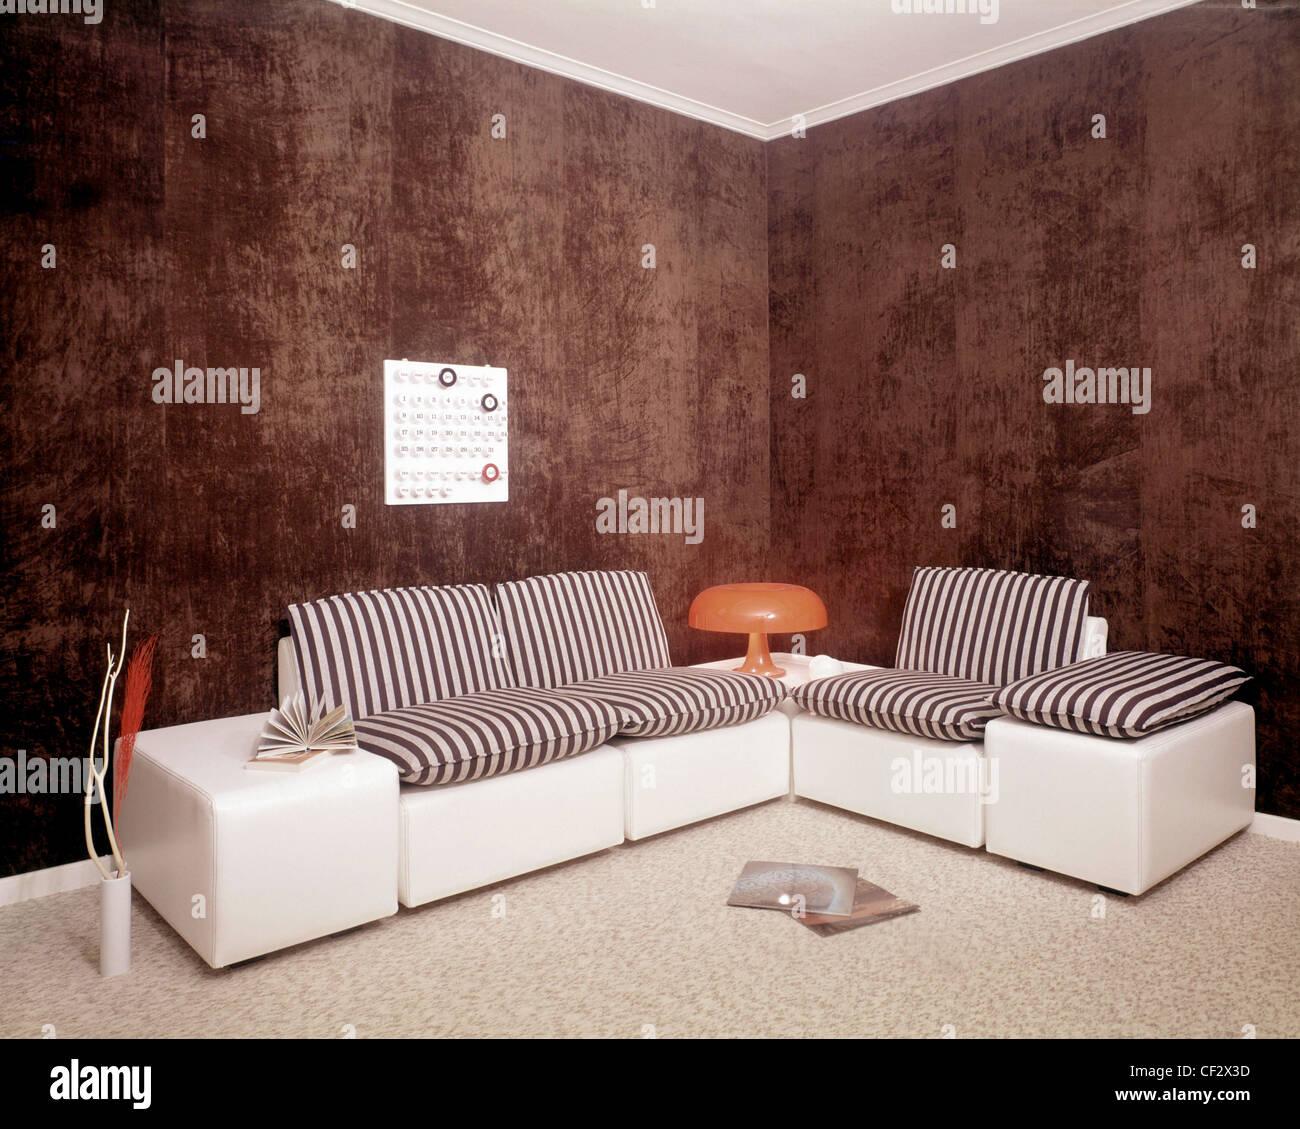 Notsale In Belgien S Wohnzimmer Braun Gefleckt Wande Und Weisse